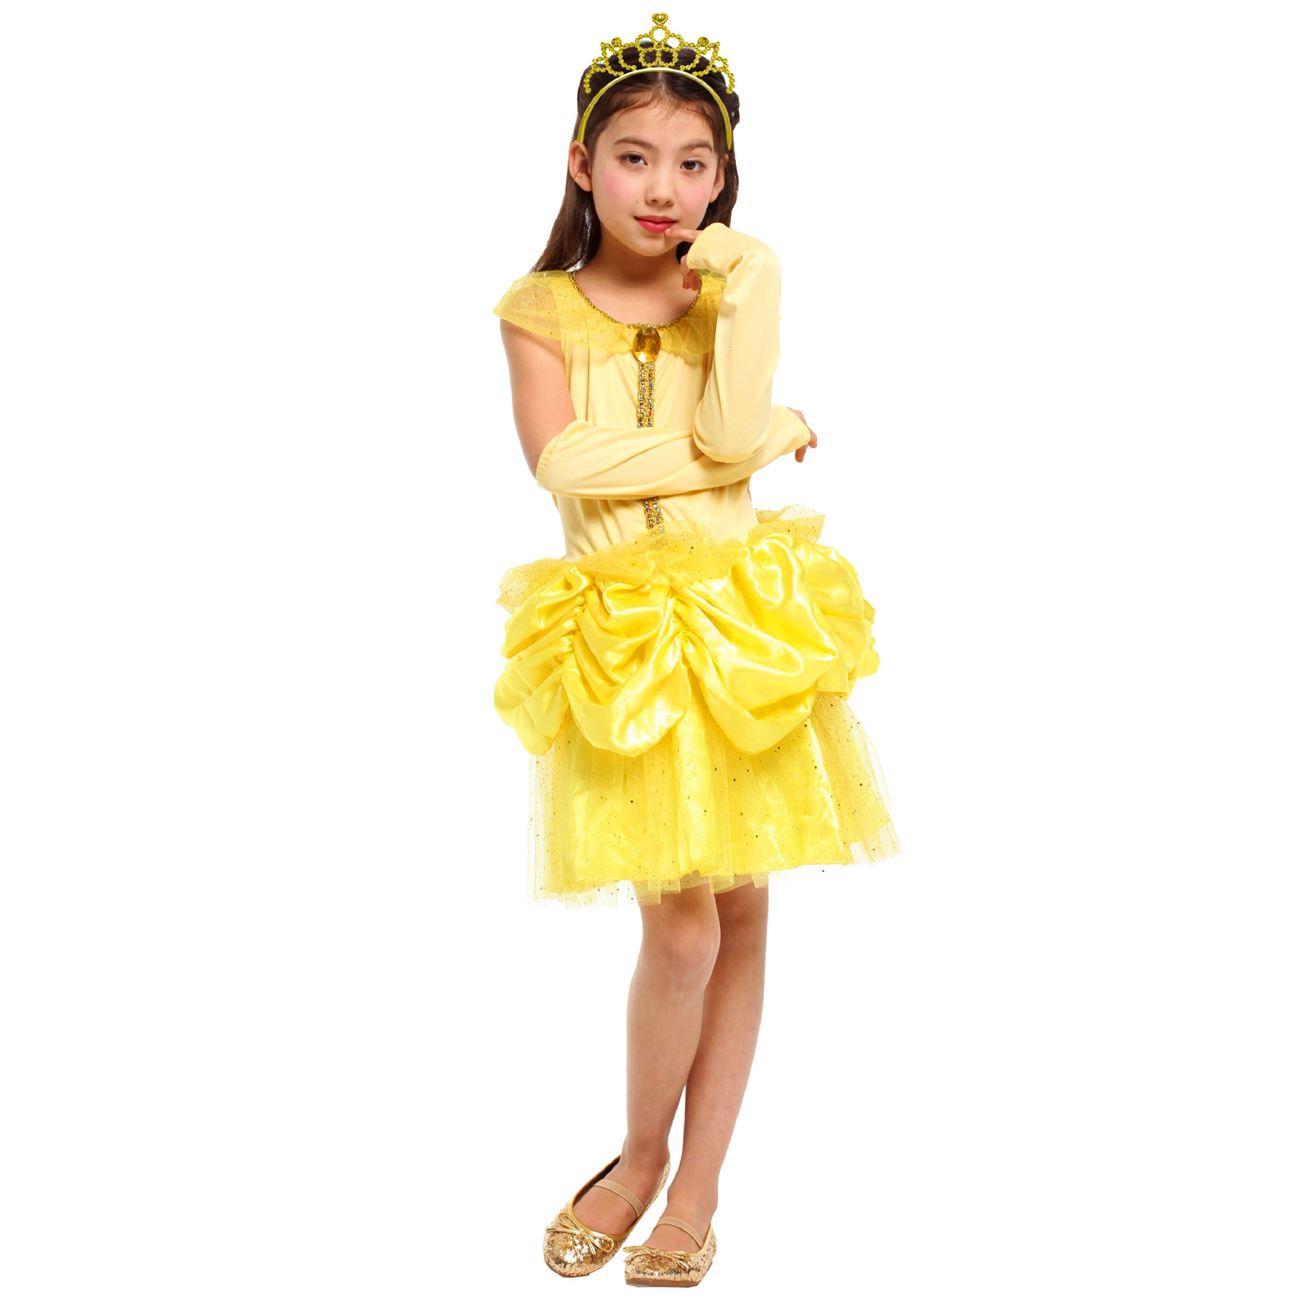 Αποκριάτικη Στολή Πριγκίπισσα BELLE   Στολές Παιδικές Πριγκίπισσες ... 560b87c92f6